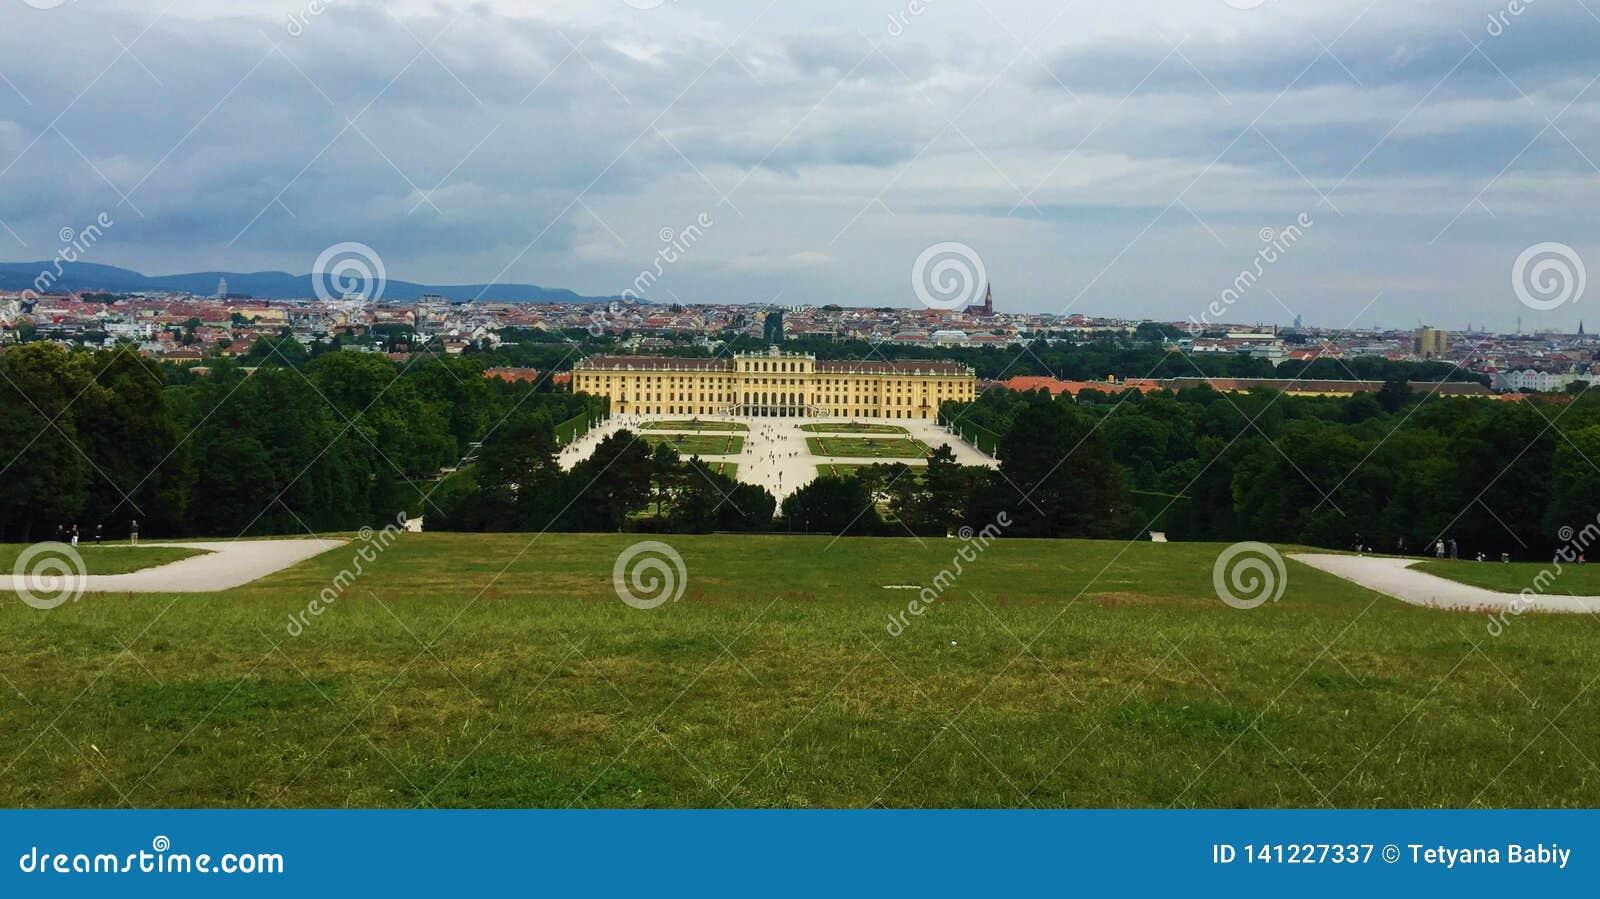 Wiedeń - park przy Schönbrunn pałac - glorieta